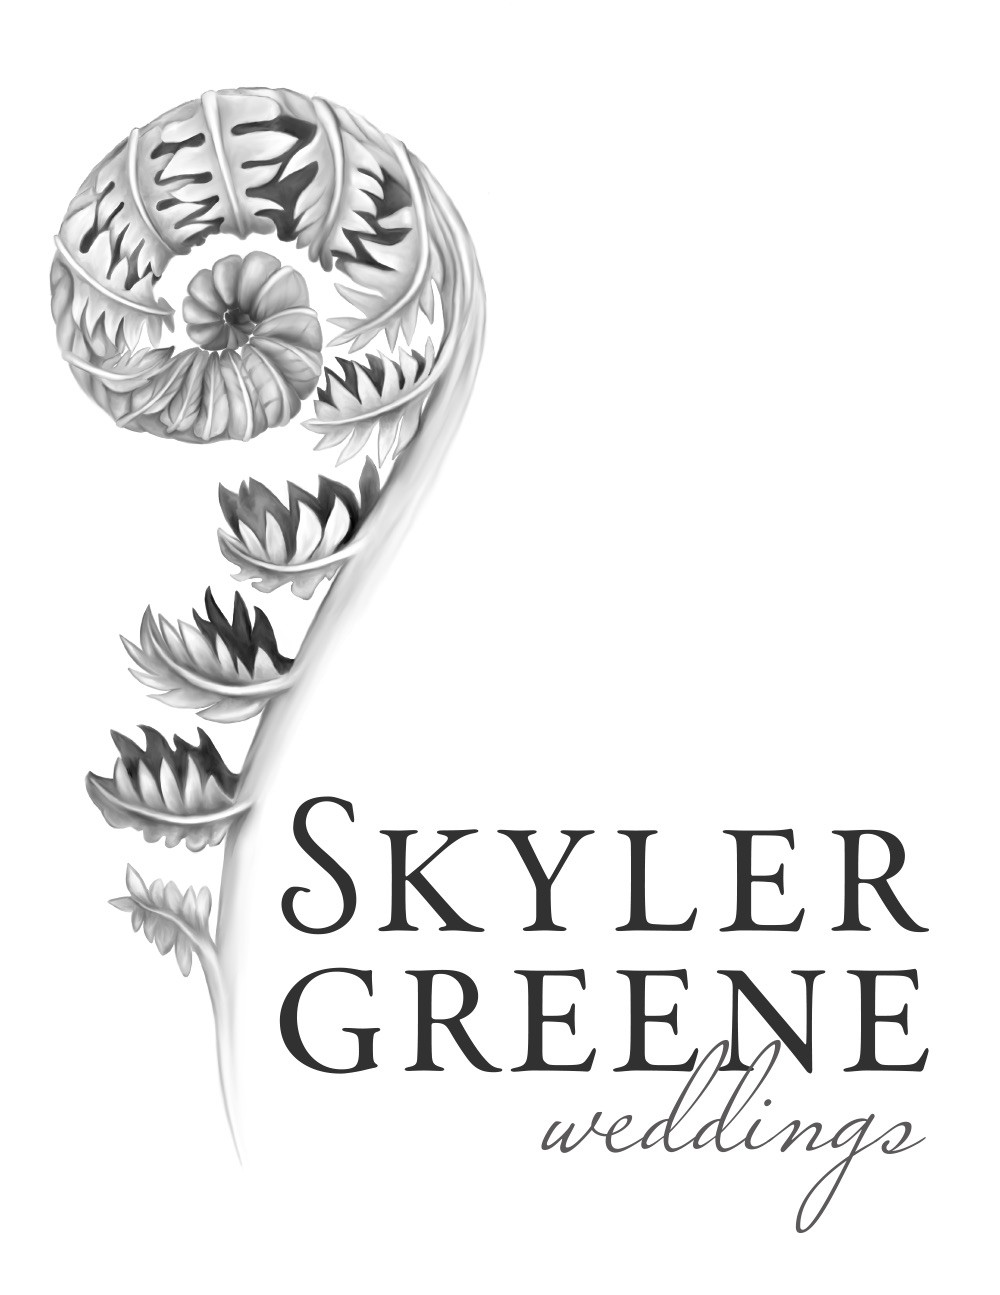 Skyler Green Weddings